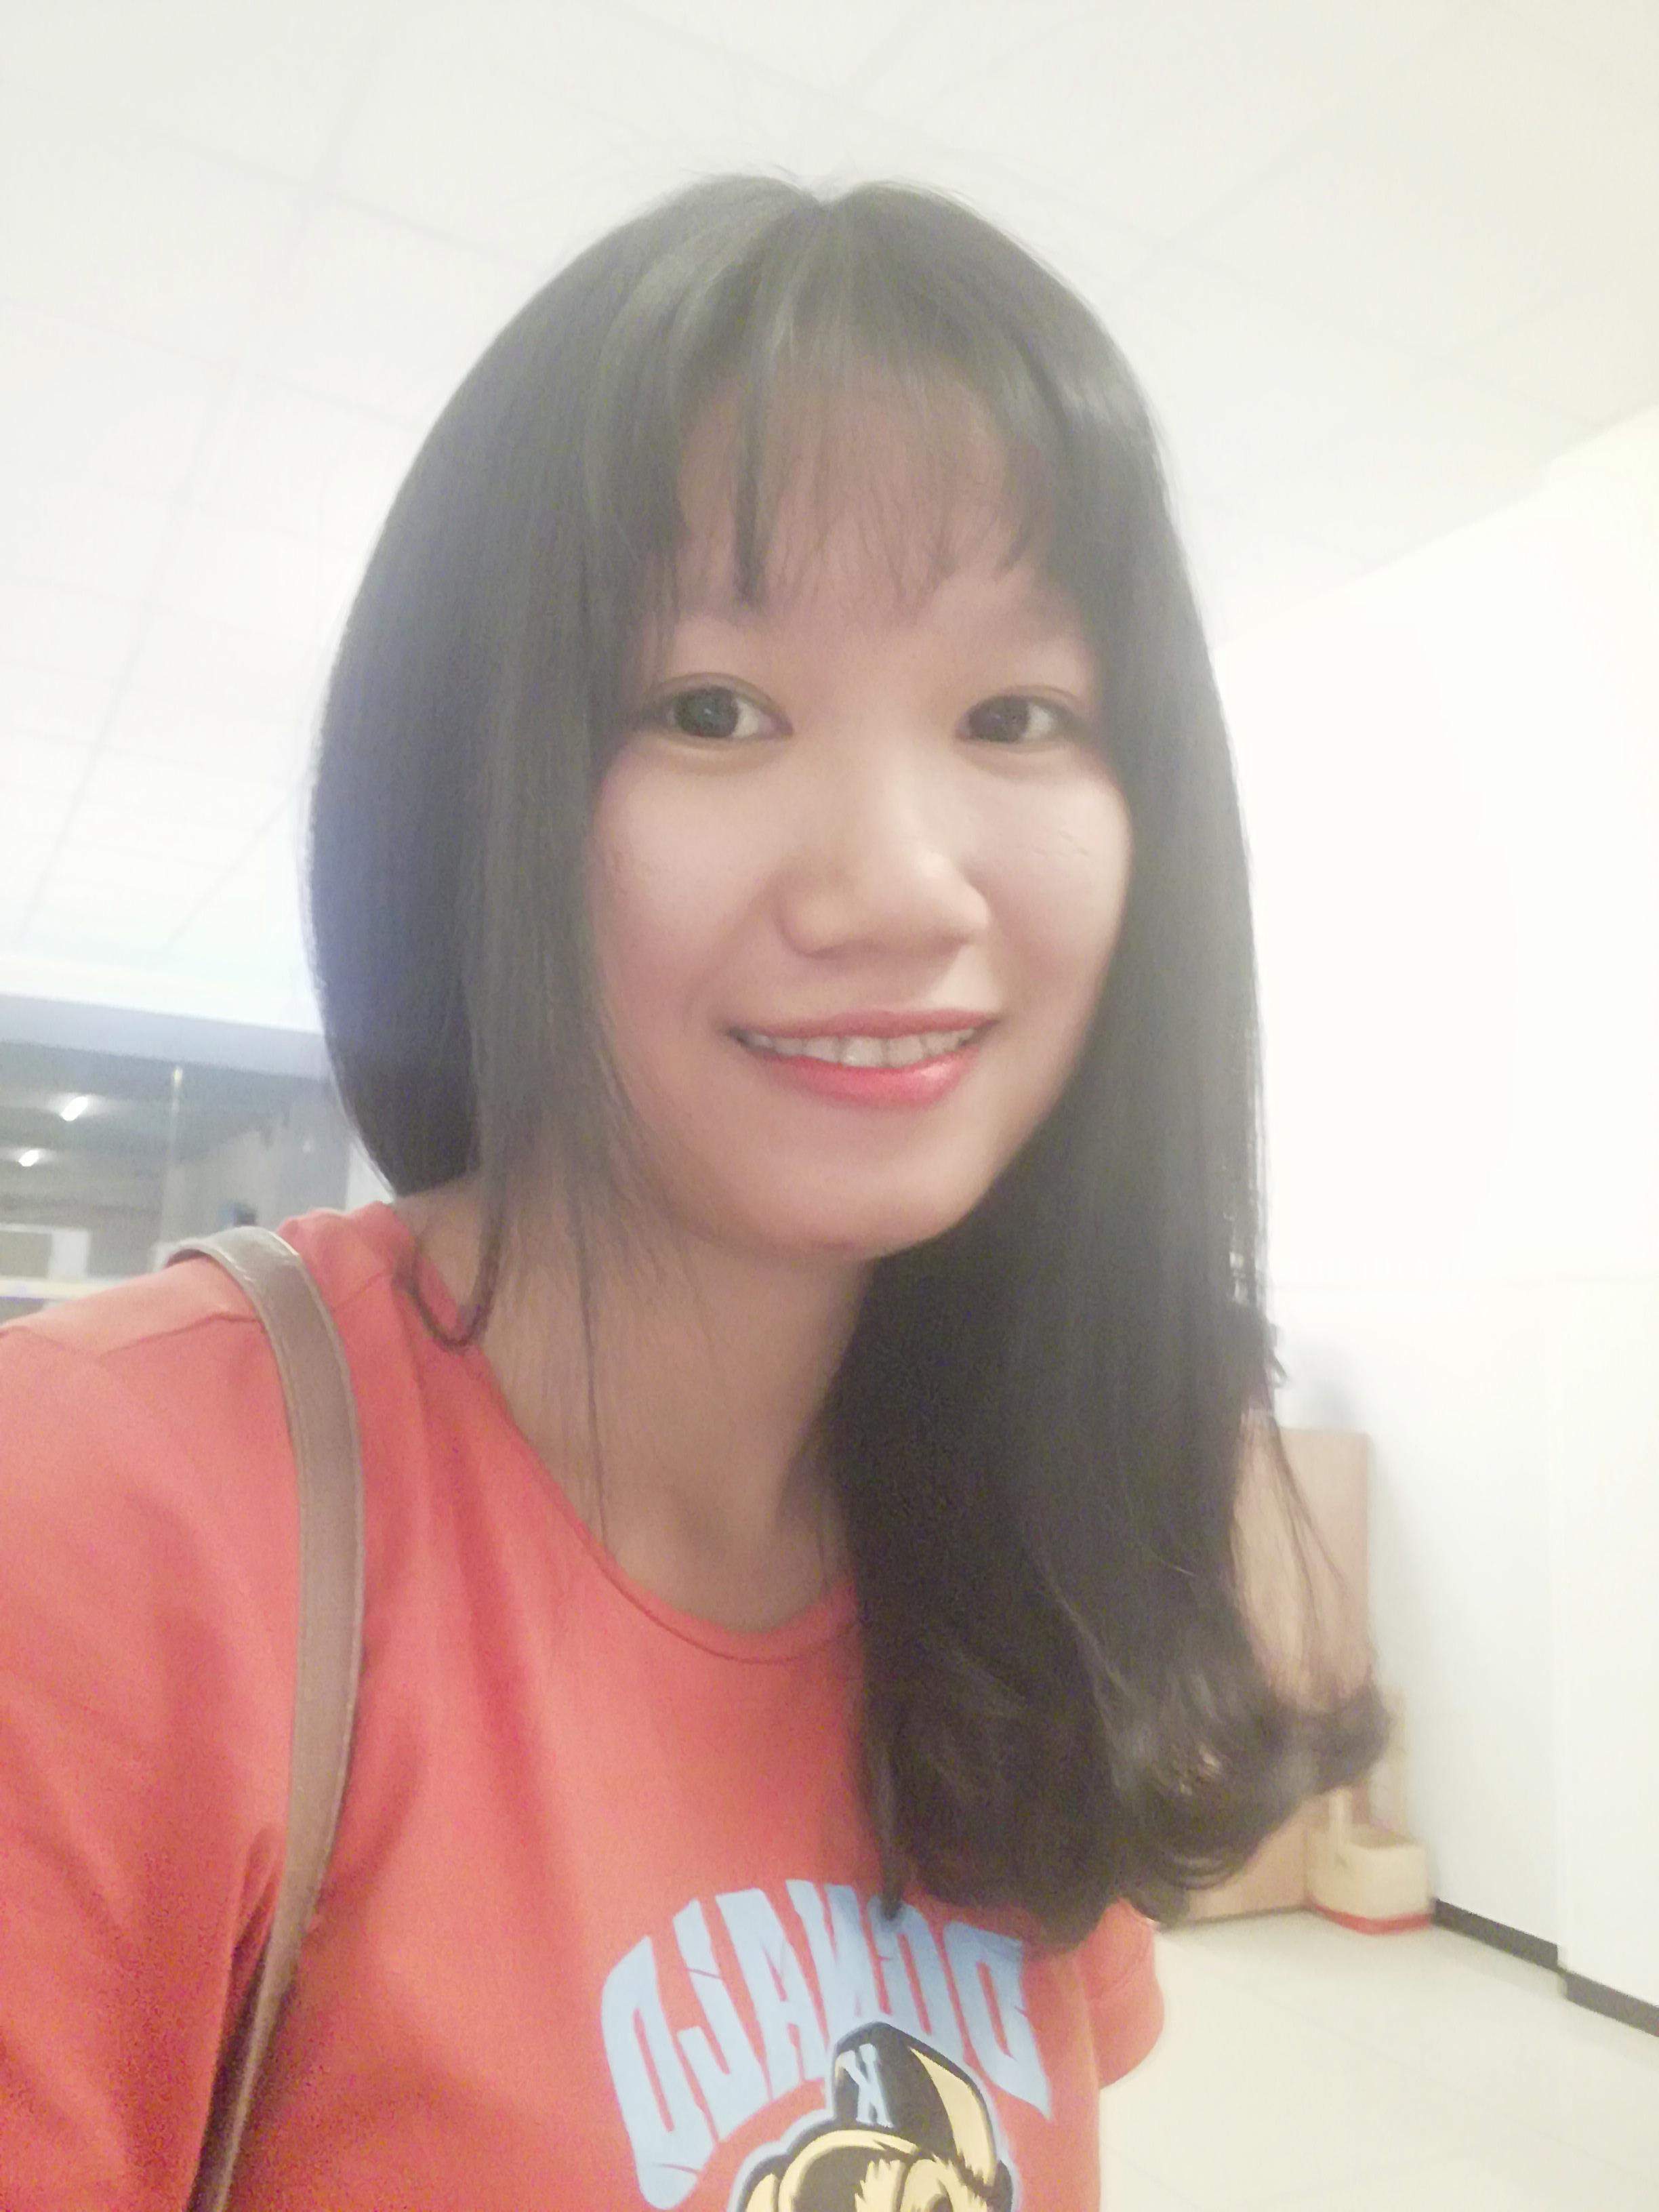 Nguyễn Thị Vàng